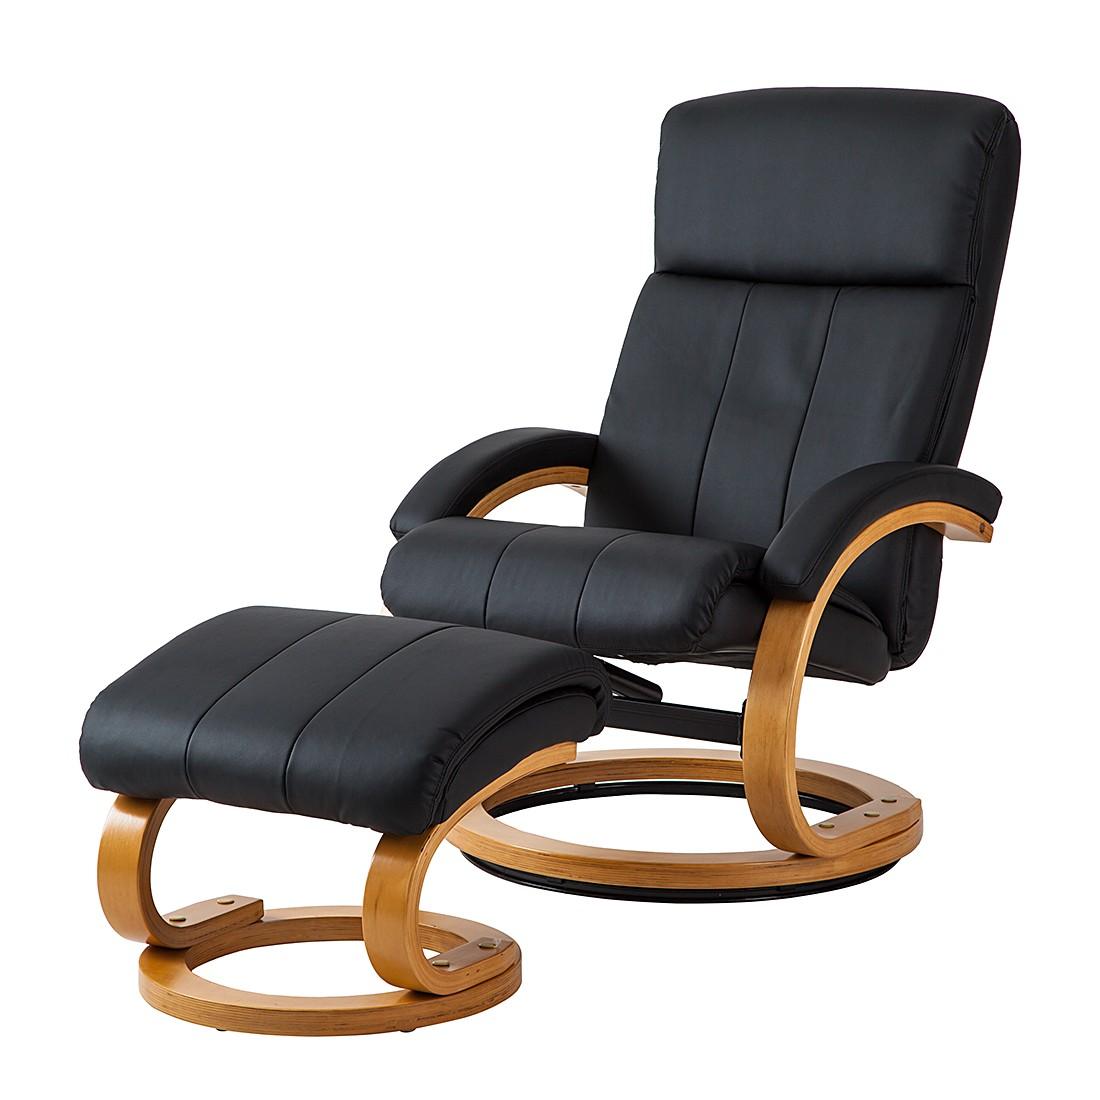 goedkoop Relaxfauteuil Vancouver met hocker zwart kunstleer Nuovoform